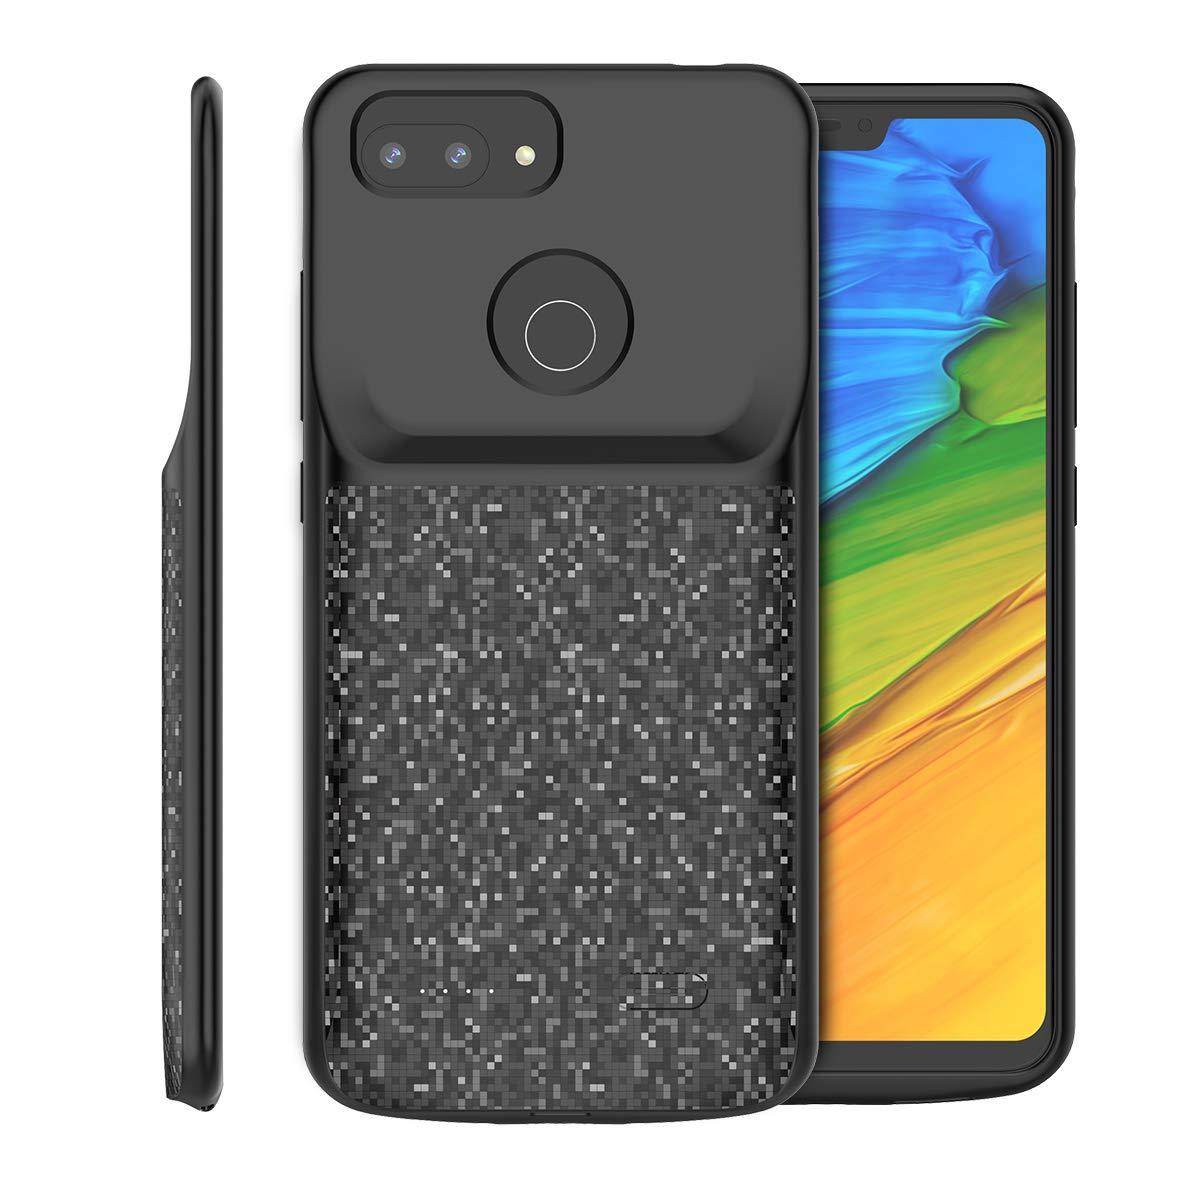 4700mAh Rechargeable Externe Chargeur Portable Power Bank Battery Case Juice Pack Antichoc Housse pour Xiaomi Mi 8 Lite FugouSell Coque Batterie Xiaomi Mi 8 Lite Noir